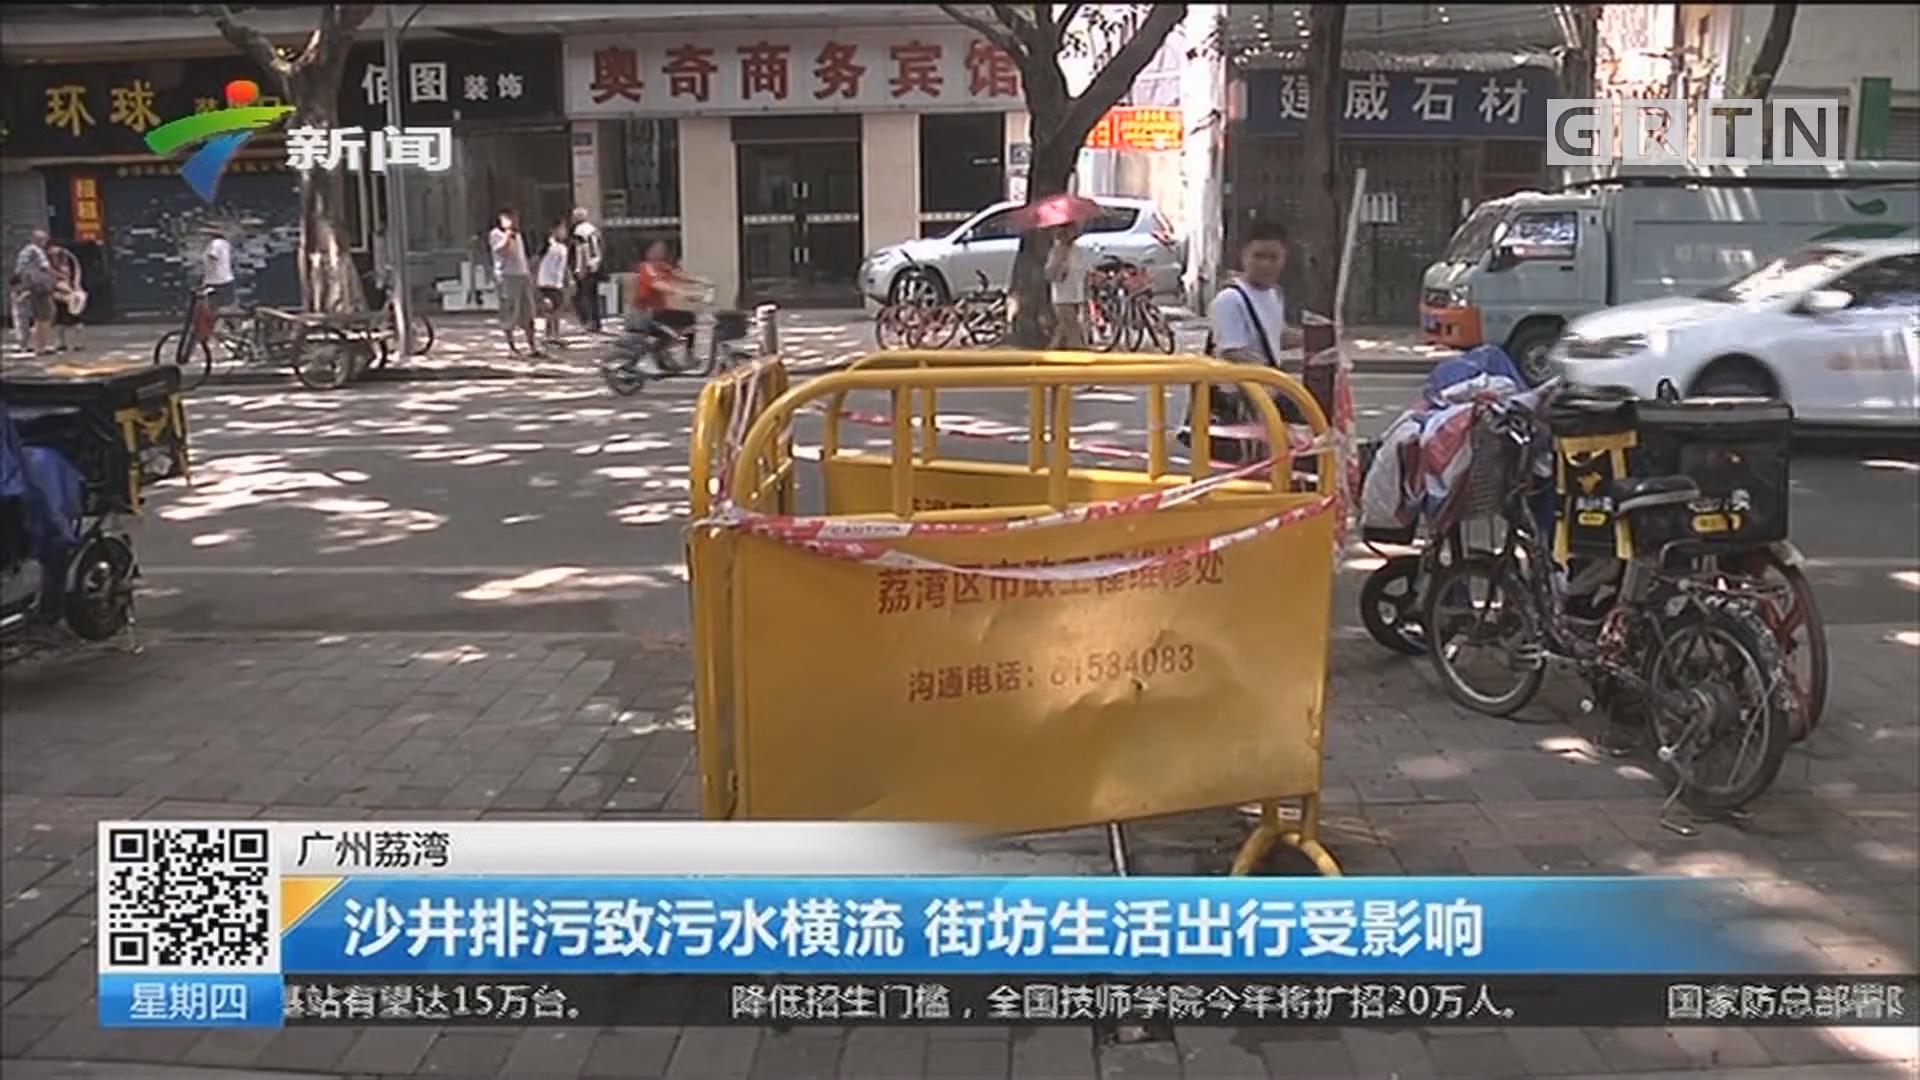 广州荔湾:沙井排污致污水横流 街坊生活出行受影响